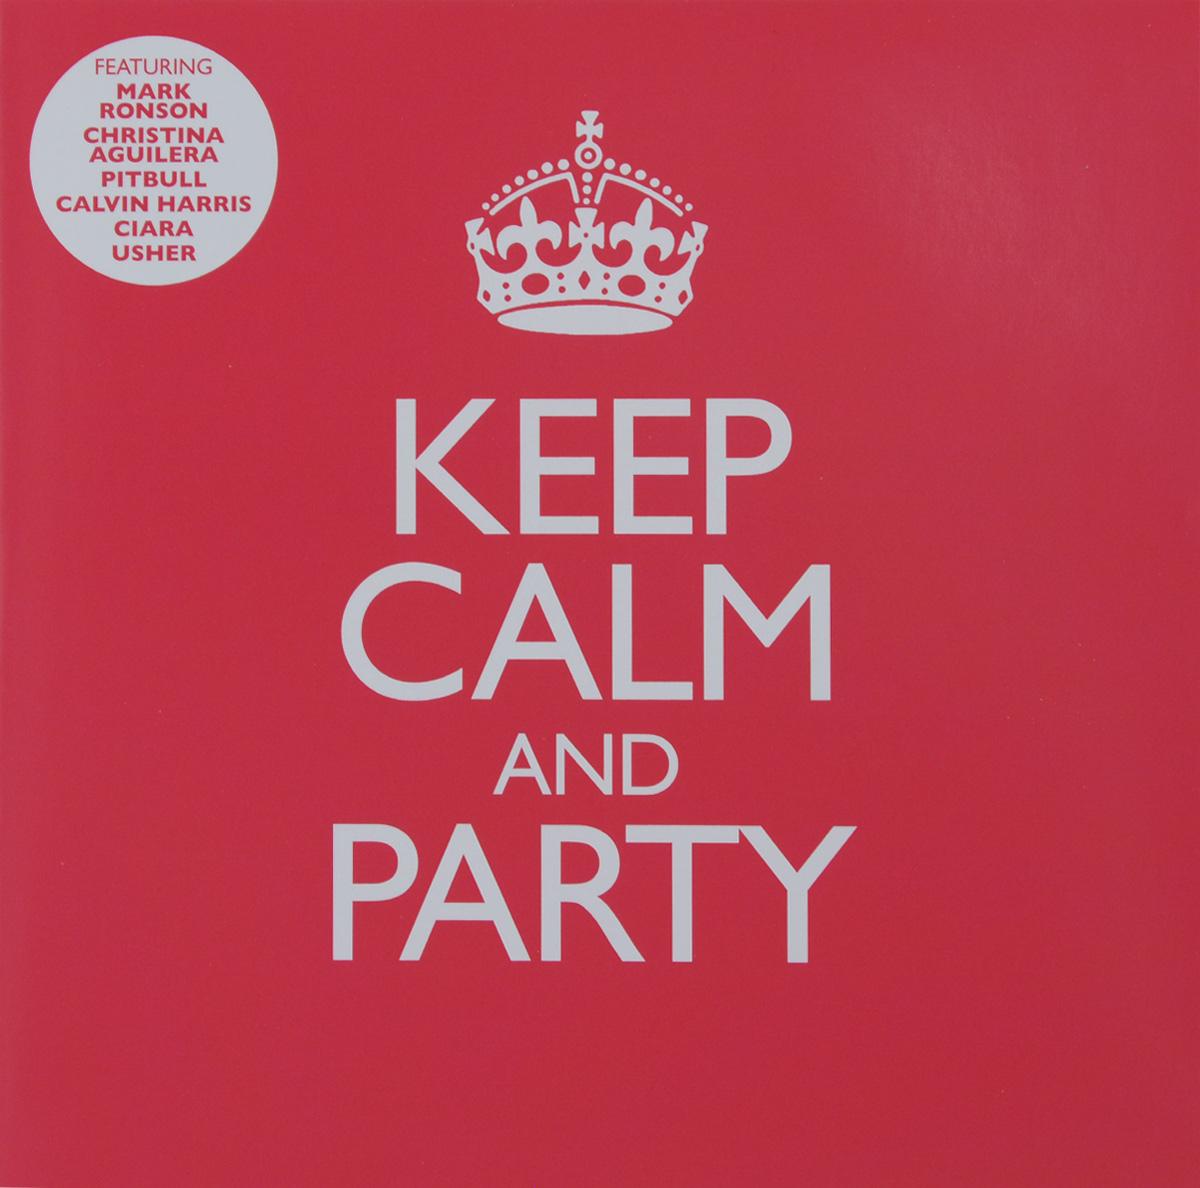 Марк Ронсон,Бруно Марс,Pitbull,Ke$ha,Крис Браун,Meghan Trainor,Дженнифер Лопес,Уитни Хьюстон,Шон Кингстон,Usher,Майли Сайрус,Kid Ink,Little Mix ,TLC,Джастин Тимберлейк,Backstreet Boys,Олли Марс,Шакира,Тони Брэкстон,Алексис Джордан,Ciara Keep Calm And Party (2 CD) энрике иглесиас шон гаретт сара коннор уитни хьюстон келис nadiya ciara enrique iglesias greatest hits